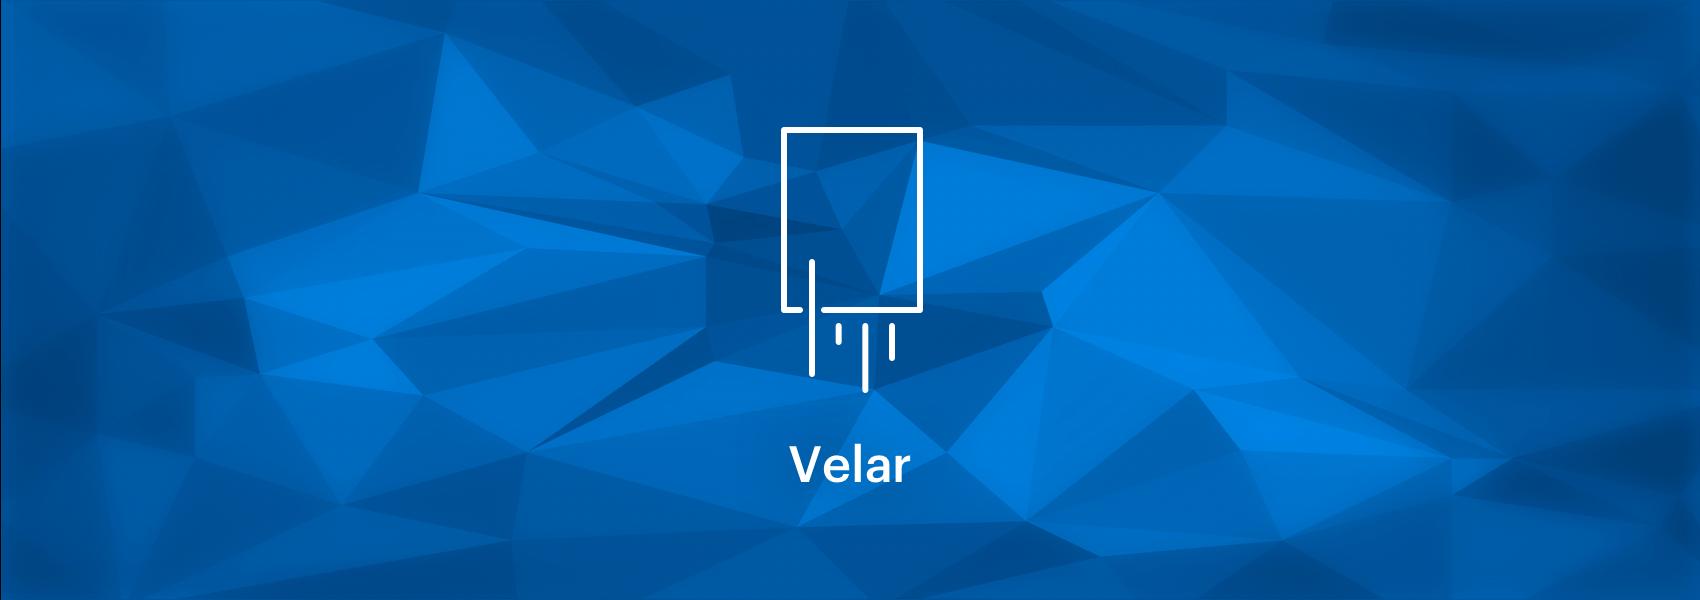 Velar